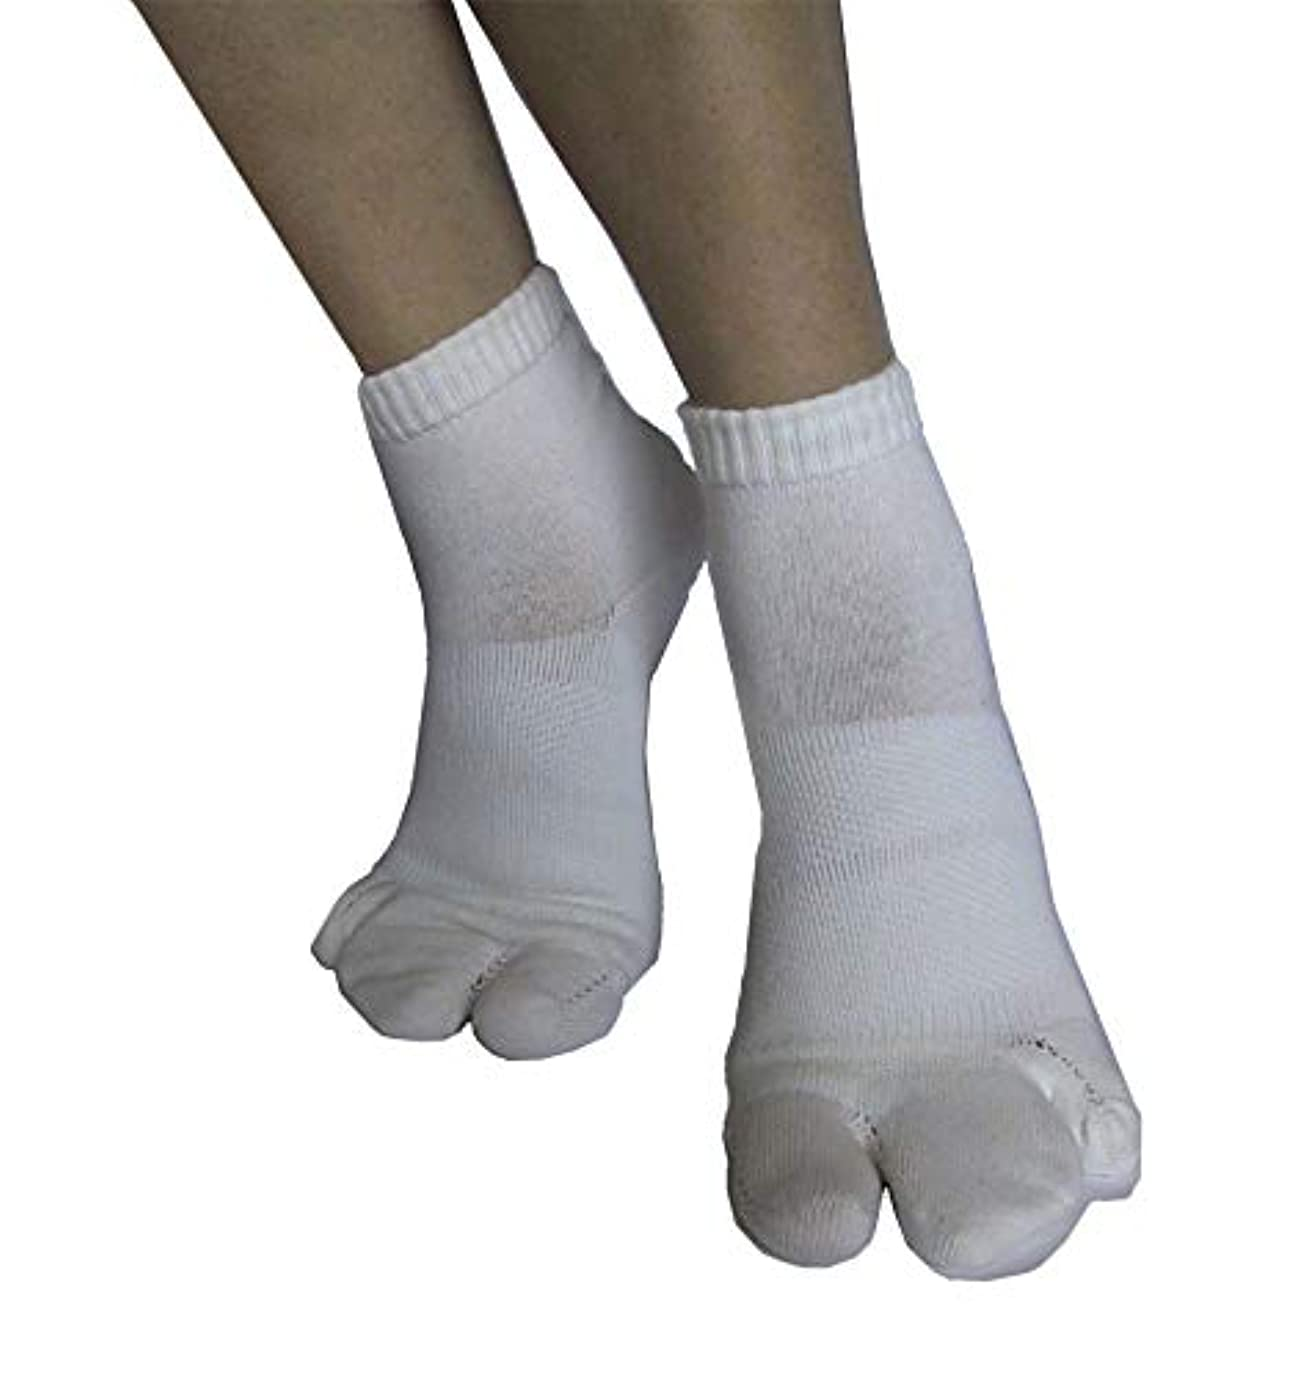 アシュリータファーマン詳細に酒カサハラ式サポーター ホソックス3本指テーピング靴下 ホワイトM 23.5-24.5cm